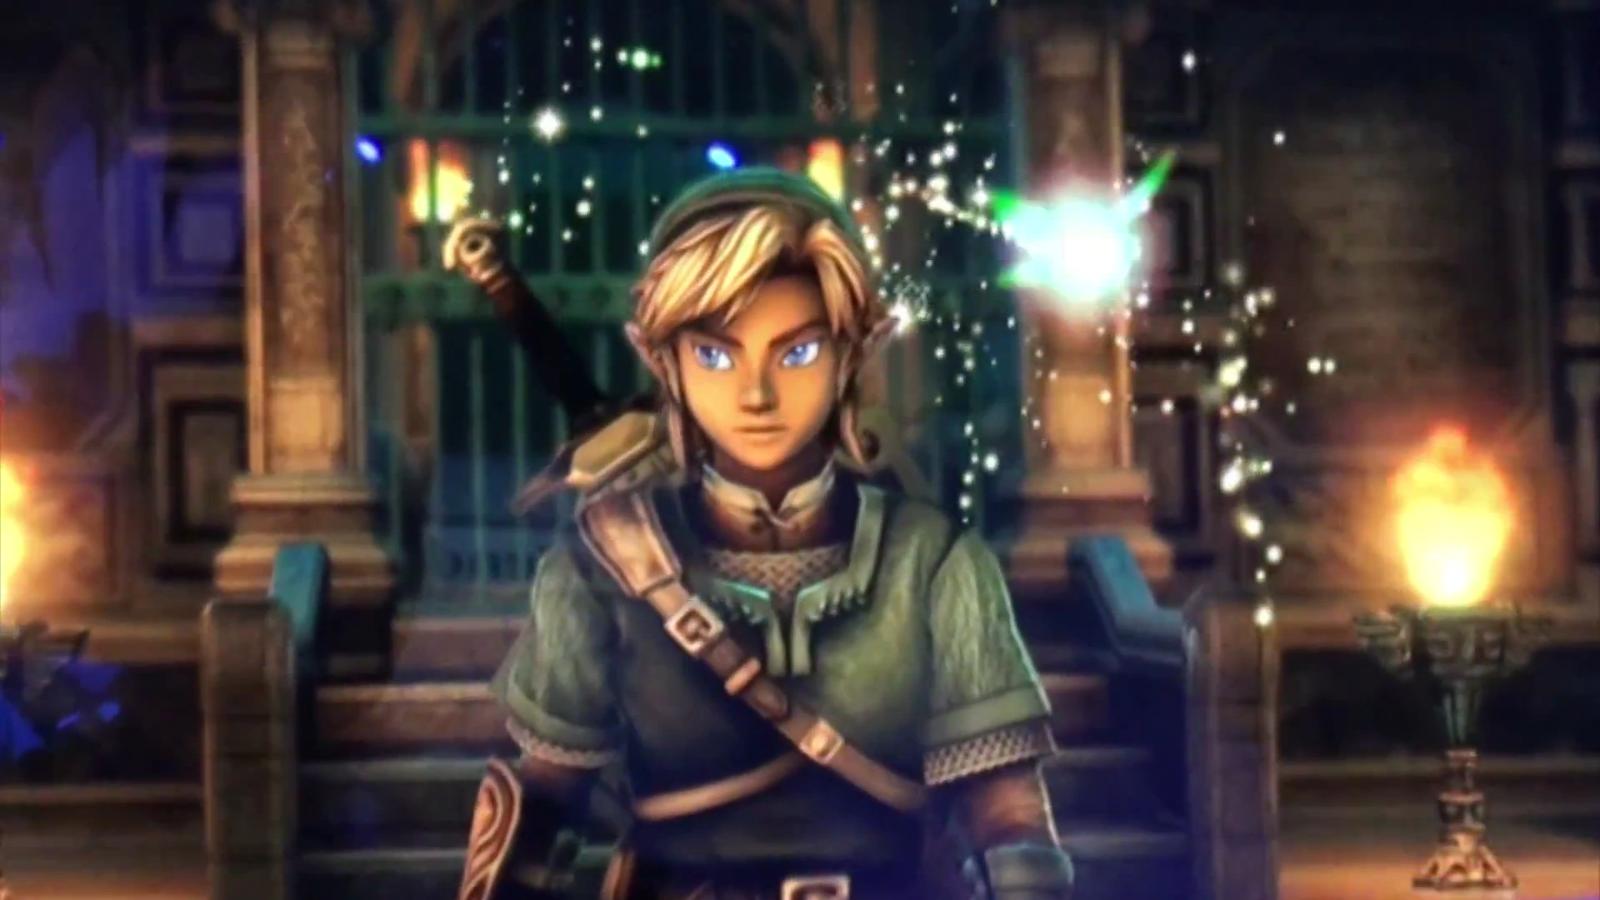 Legend of Zelda Wii U Games